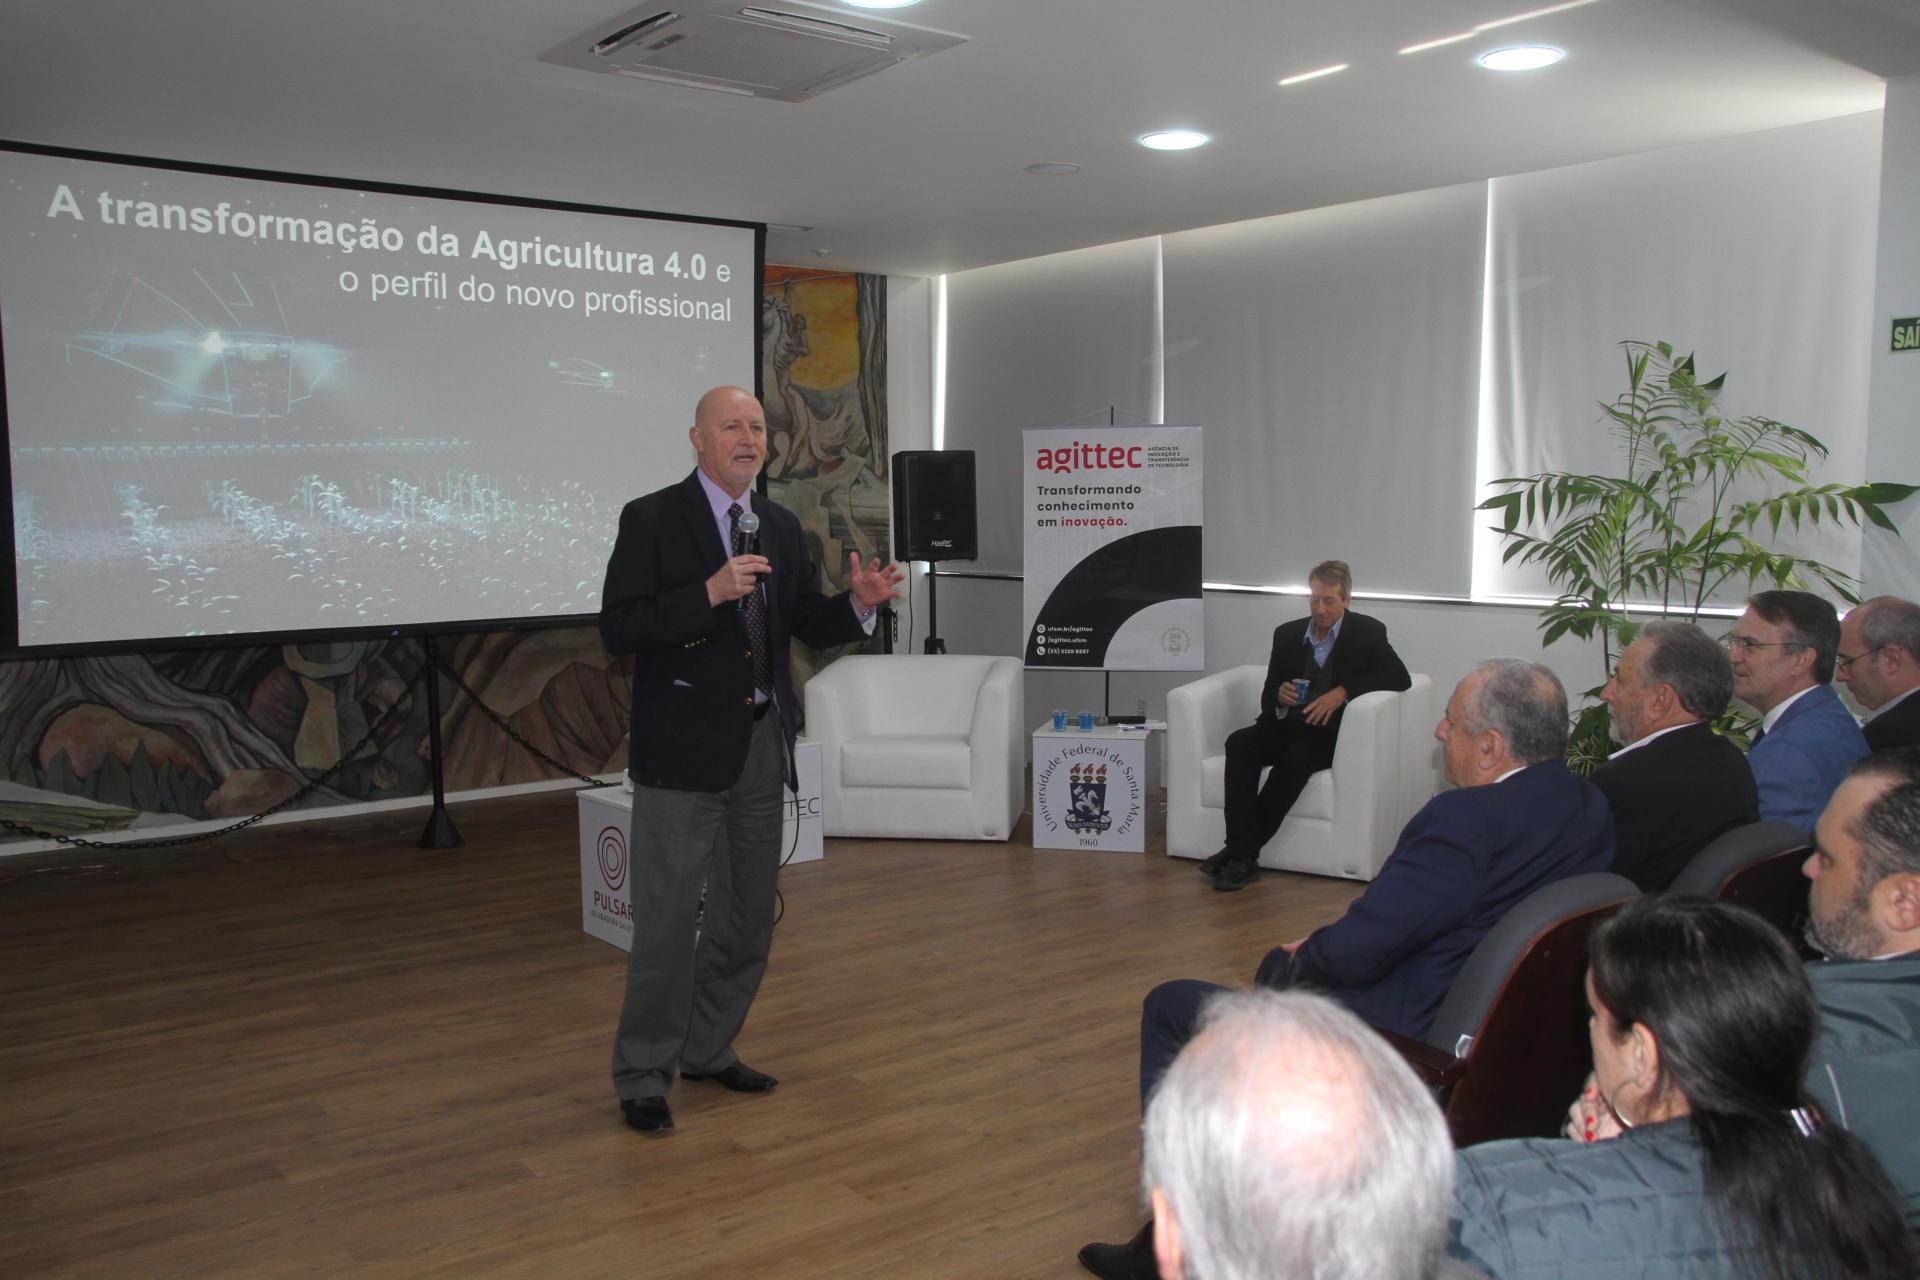 Foto colorida horizontal mostra o palestrante, de terno e gravata, em pé, falando ao público, no Salão Imembuí, com um telão com o título da palestra ao fundo